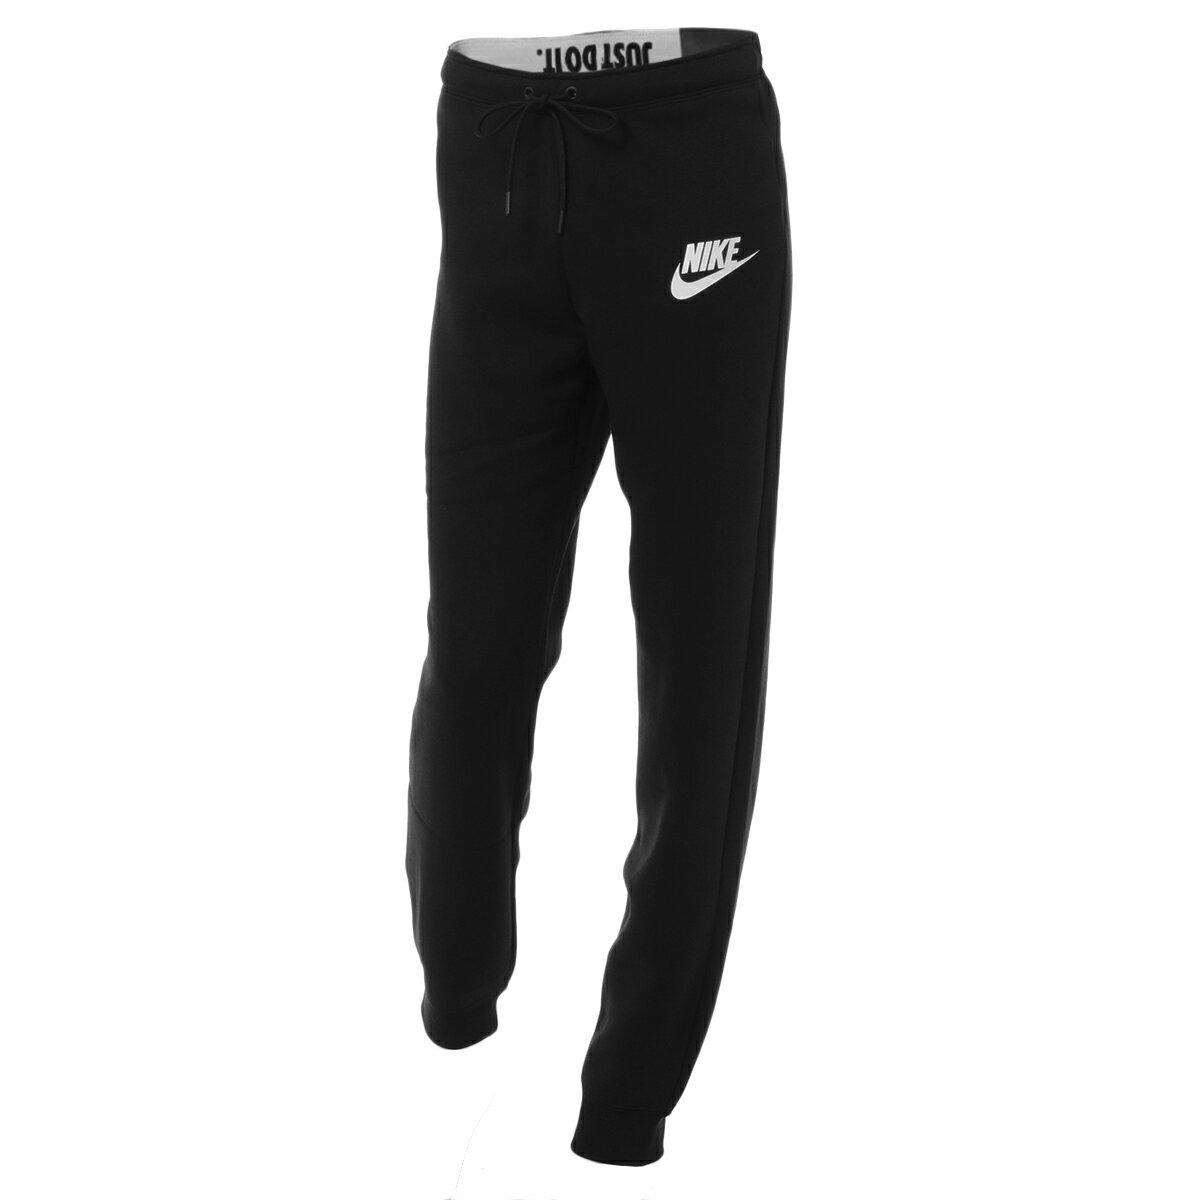 【即納】ナイキ Nike レディース ボトムス・パンツ スウェット・ジャージ【Rally Slim Fit Sweat Pants】Black/black/(white)